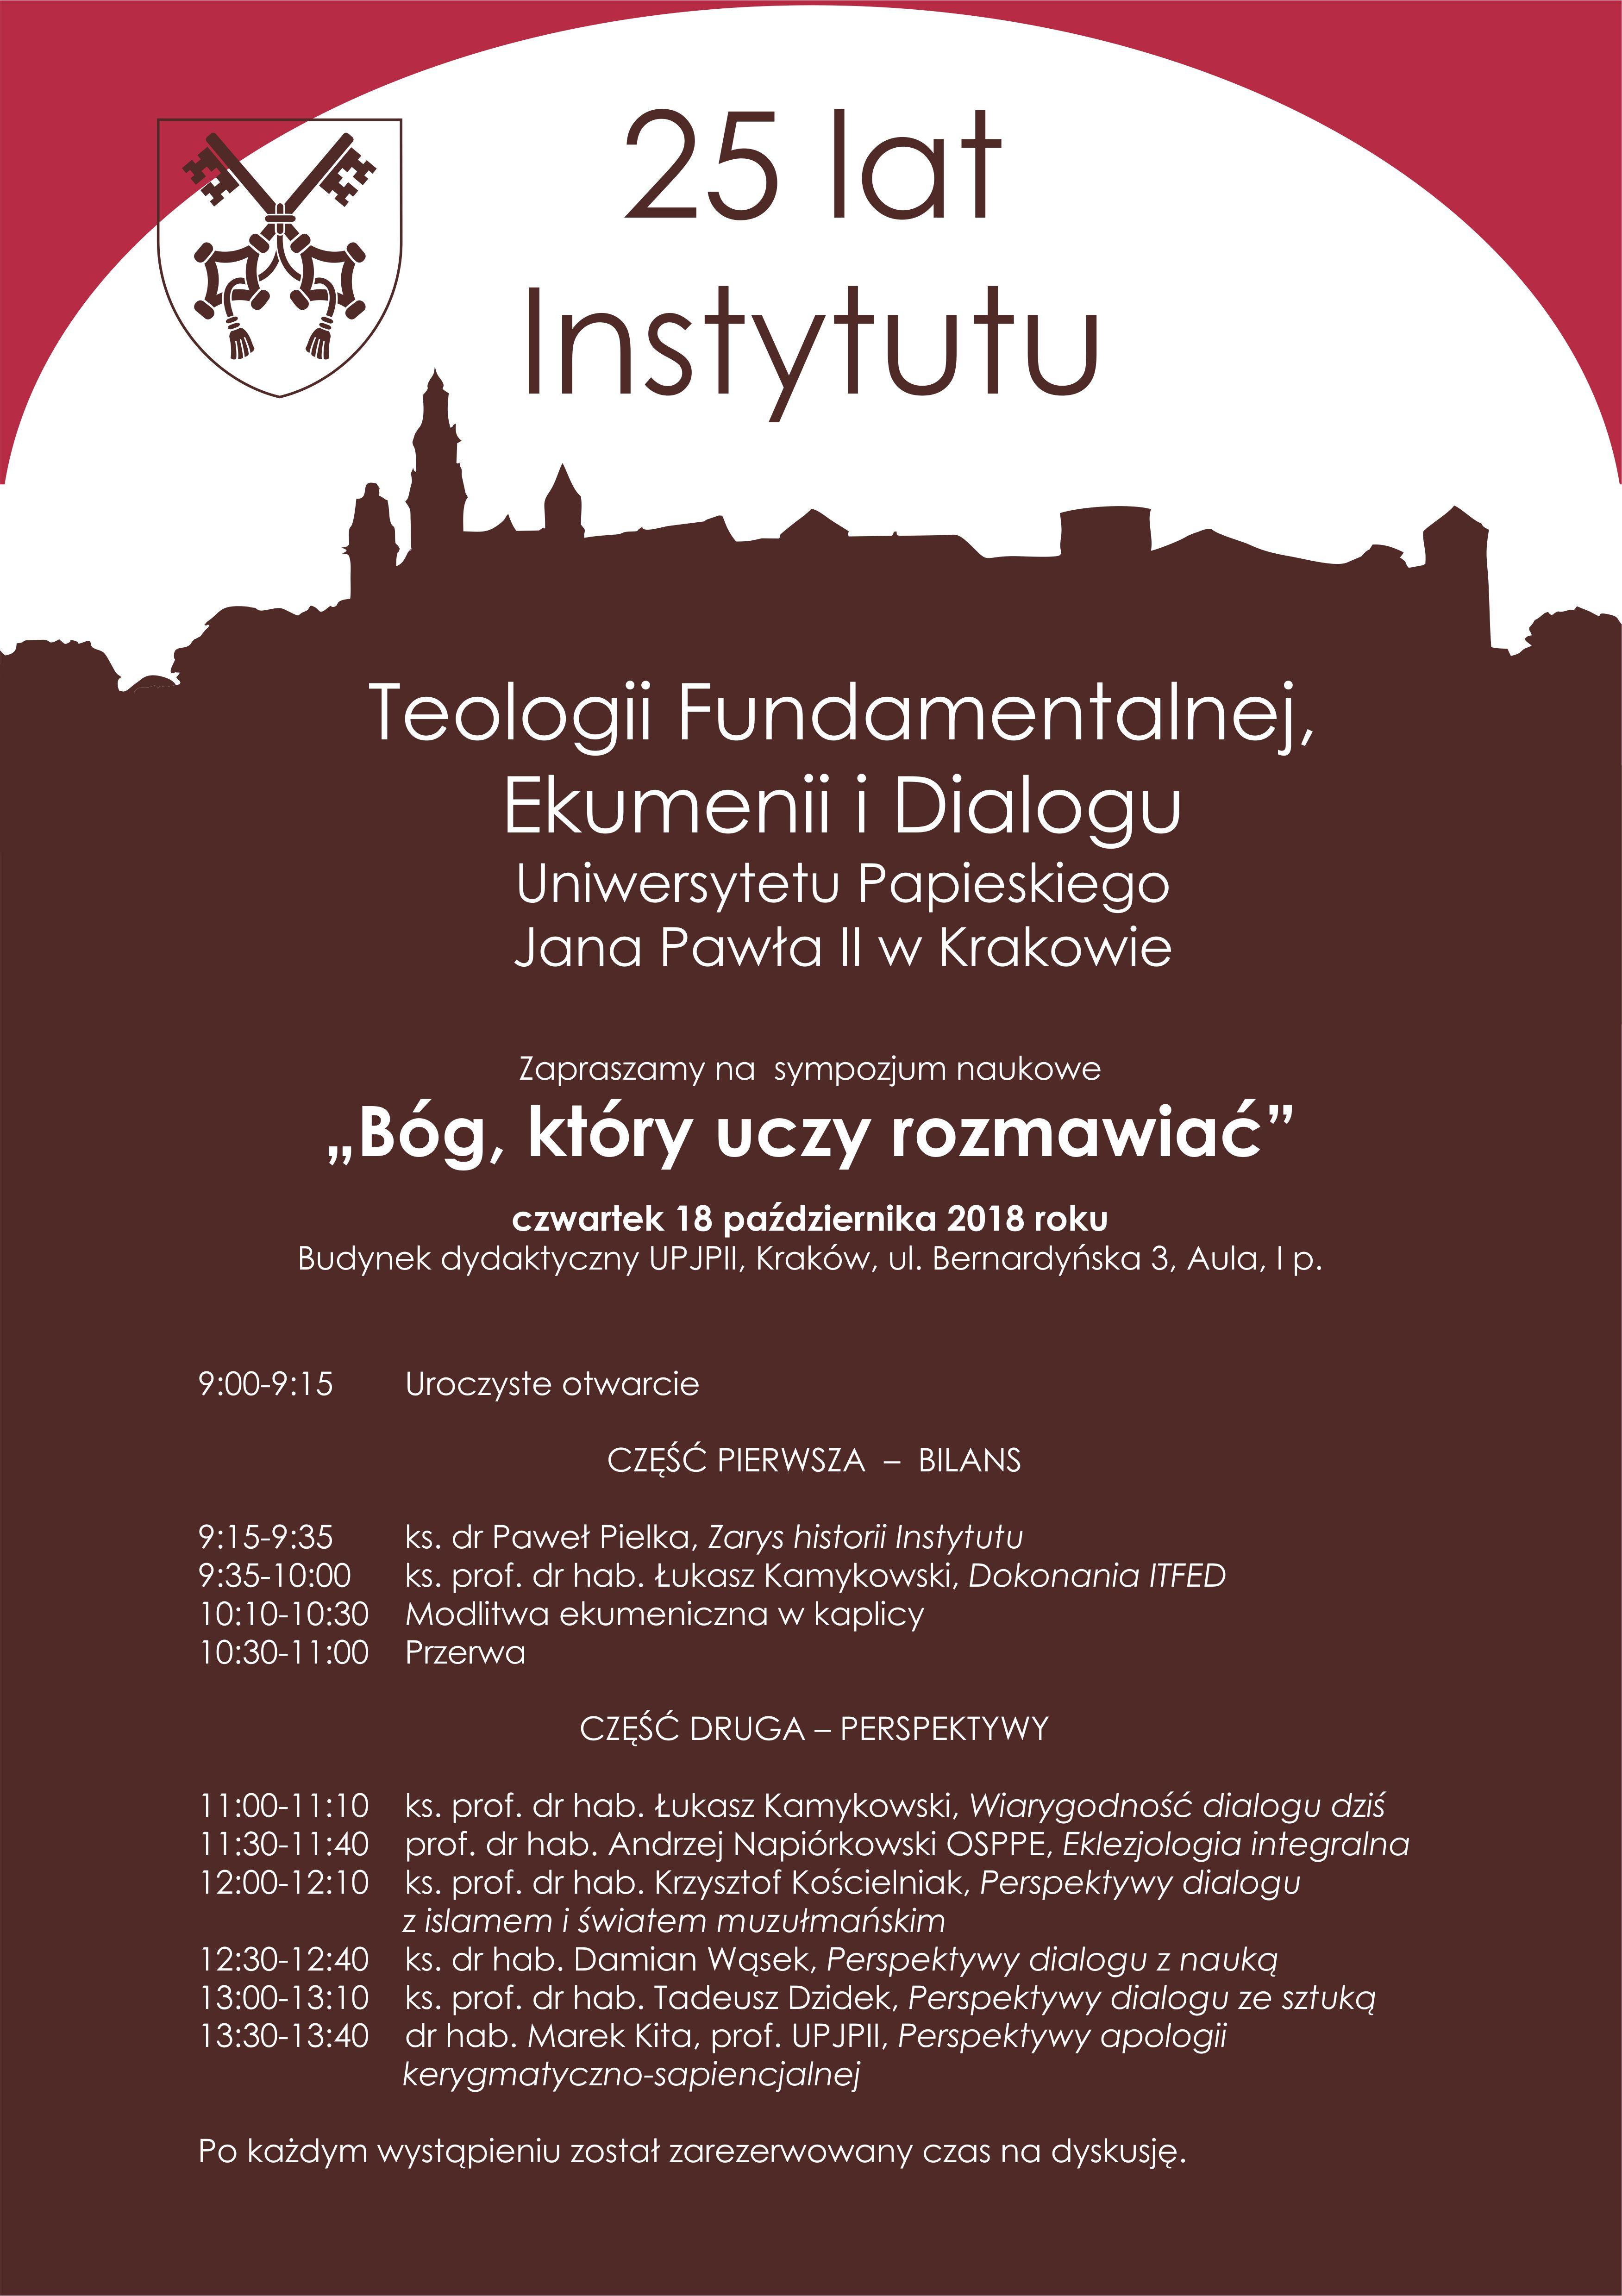 """25 lat Instytutu Teologii Fundamentalnej Ekumenii i Dialogu UPJPII. Sympozjum naukowe """"Bóg, który uczy rozmawiać"""""""